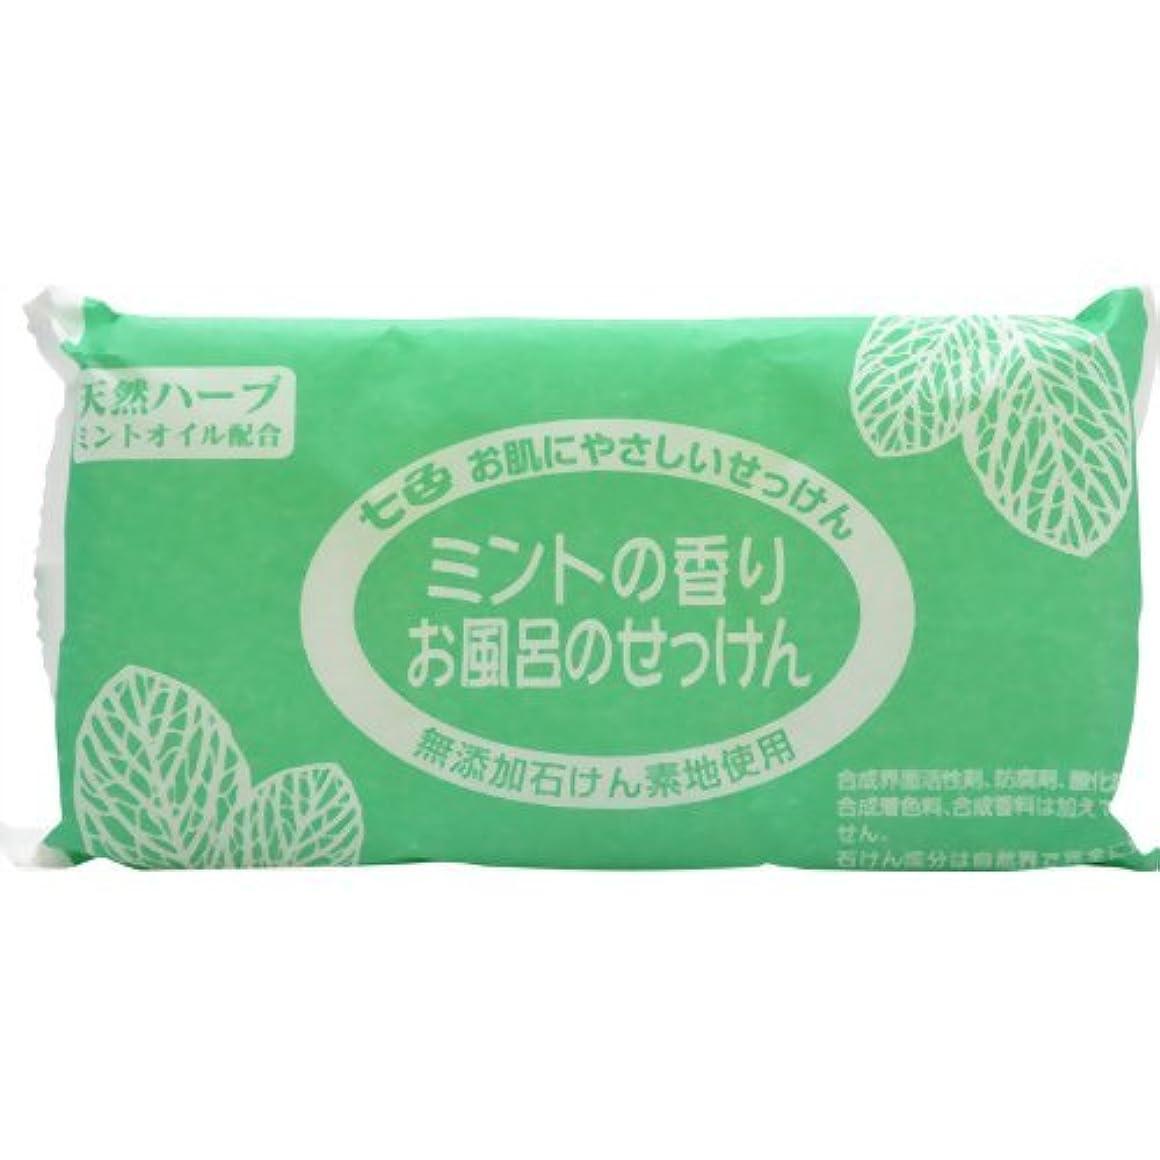 七色 お風呂のせっけん ミントの香り(無添加石鹸) 100g×3個入